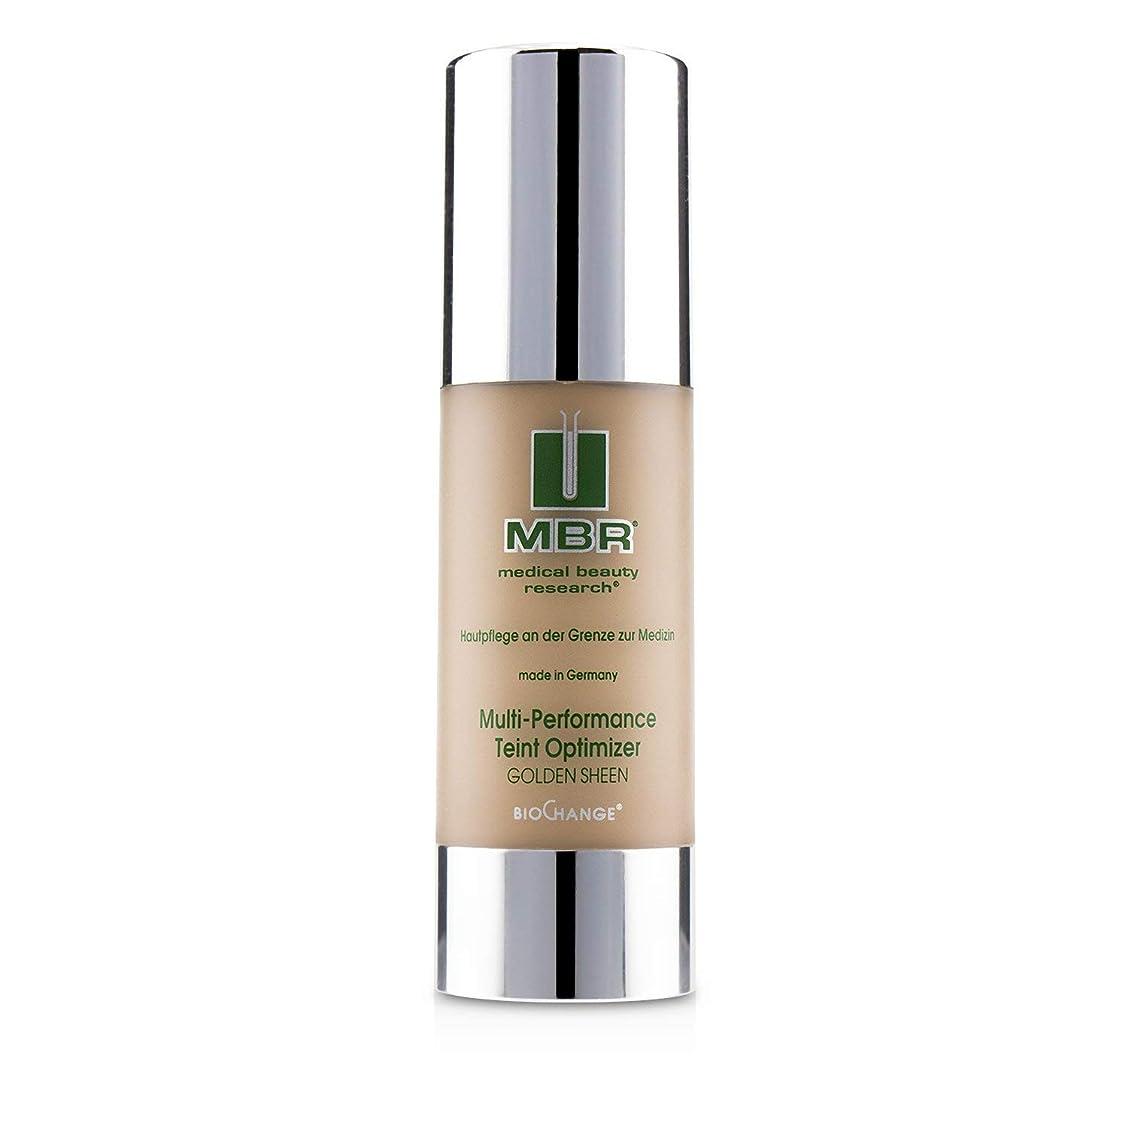 同僚あからさま火山MBR Medical Beauty Research BioChange Multi-Performance Teint Optimizer - #Golden Sheen 30ml/1oz並行輸入品